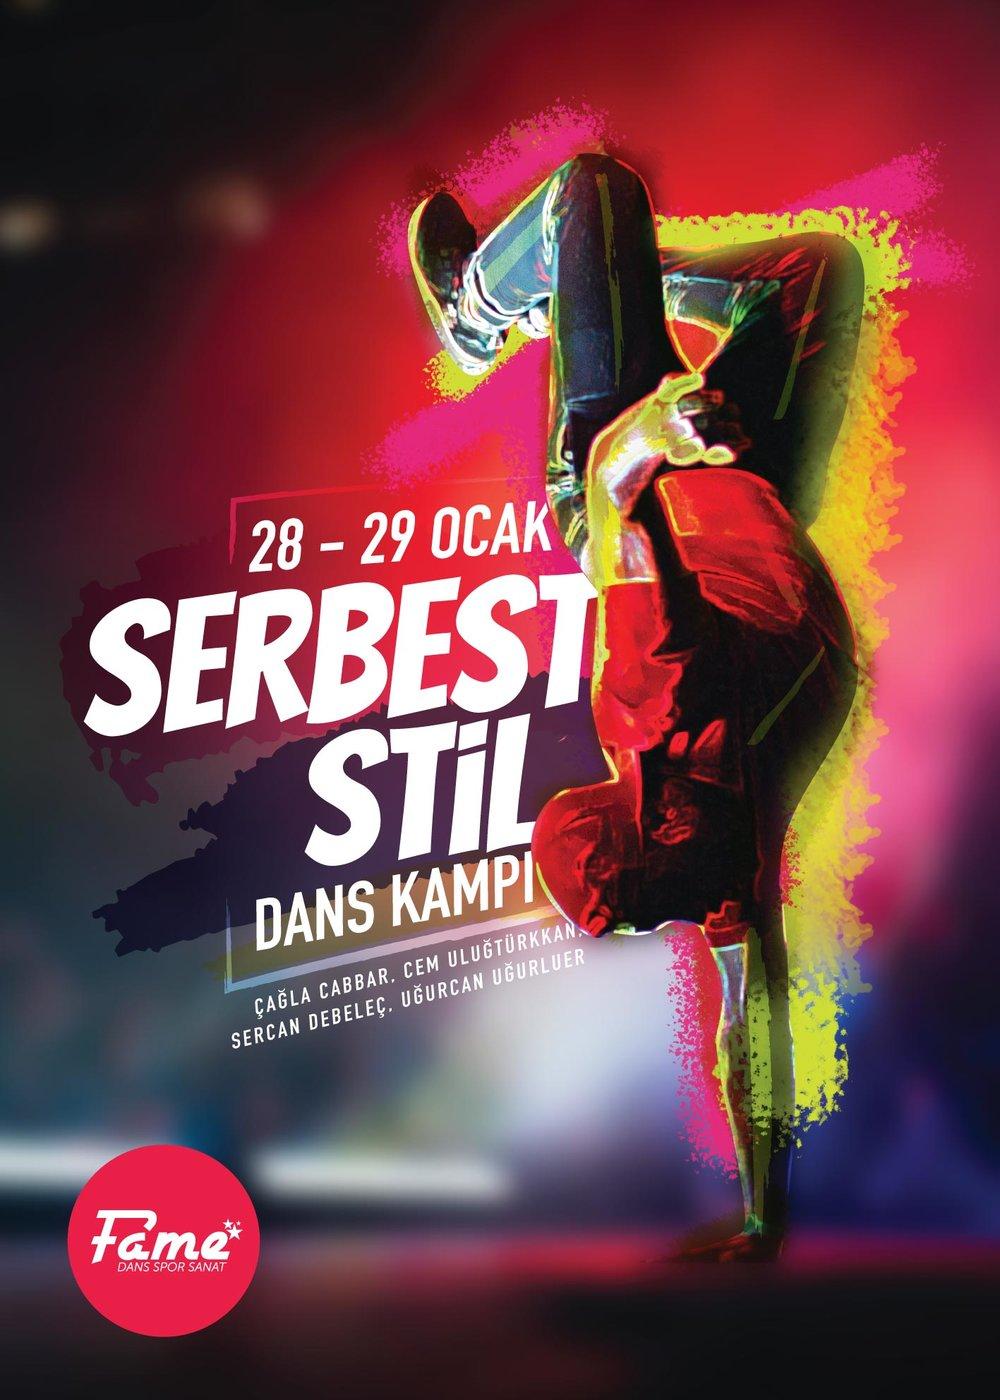 serbest-stil-dans-kampi-afis-small.jpg